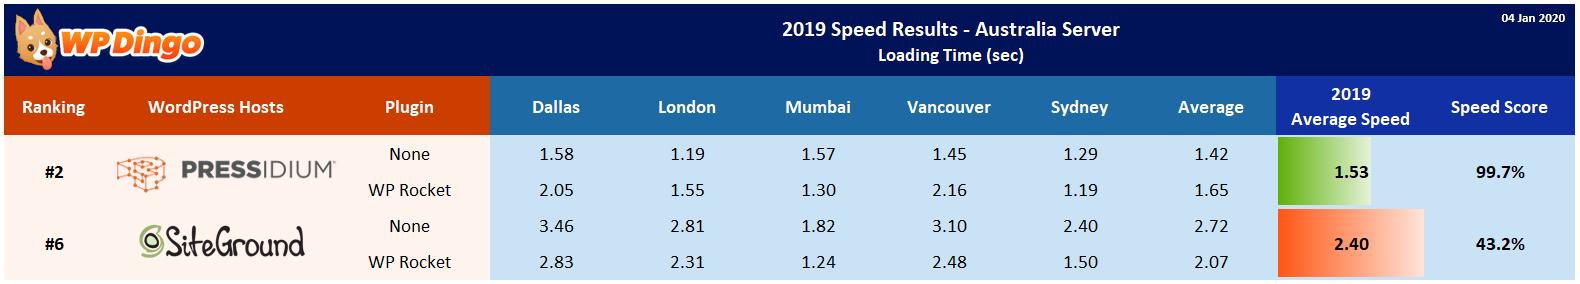 2019 Pressidium vs SiteGround Speed Table - Australia Server